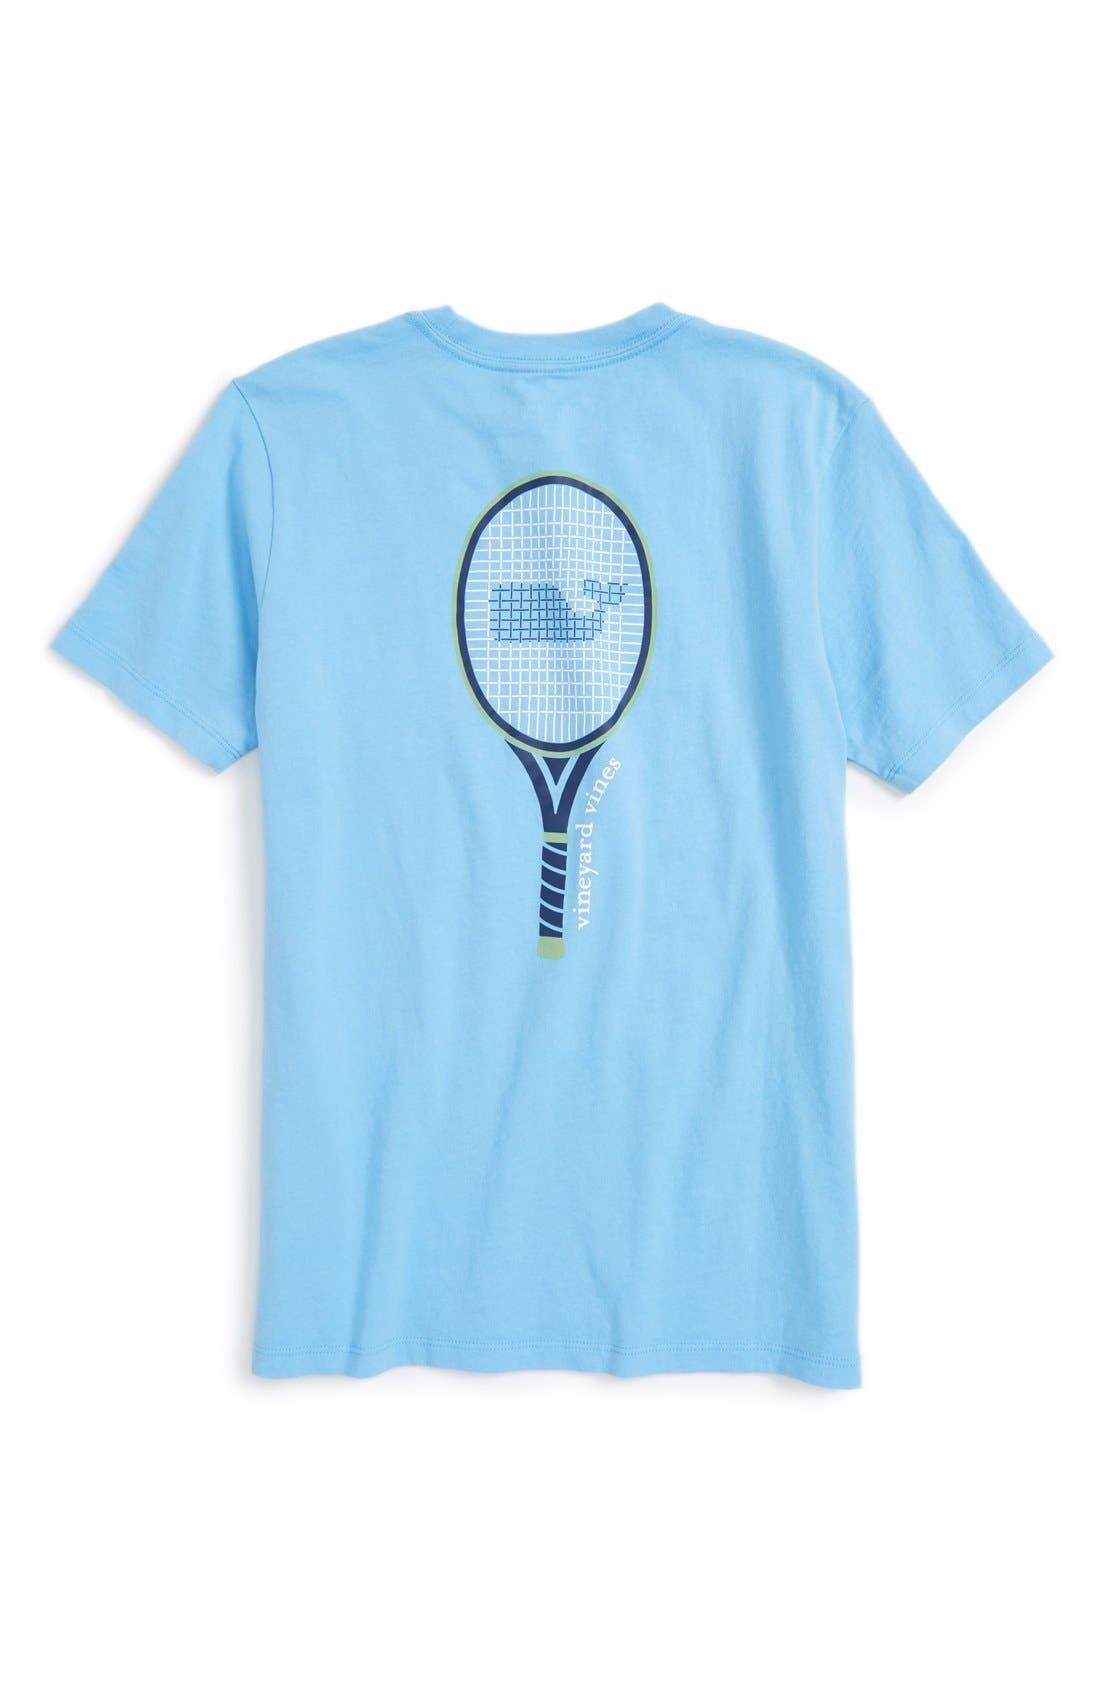 VINEYARD VINES,                             'Tennis Racquet' Graphic T-Shirt,                             Alternate thumbnail 2, color,                             484